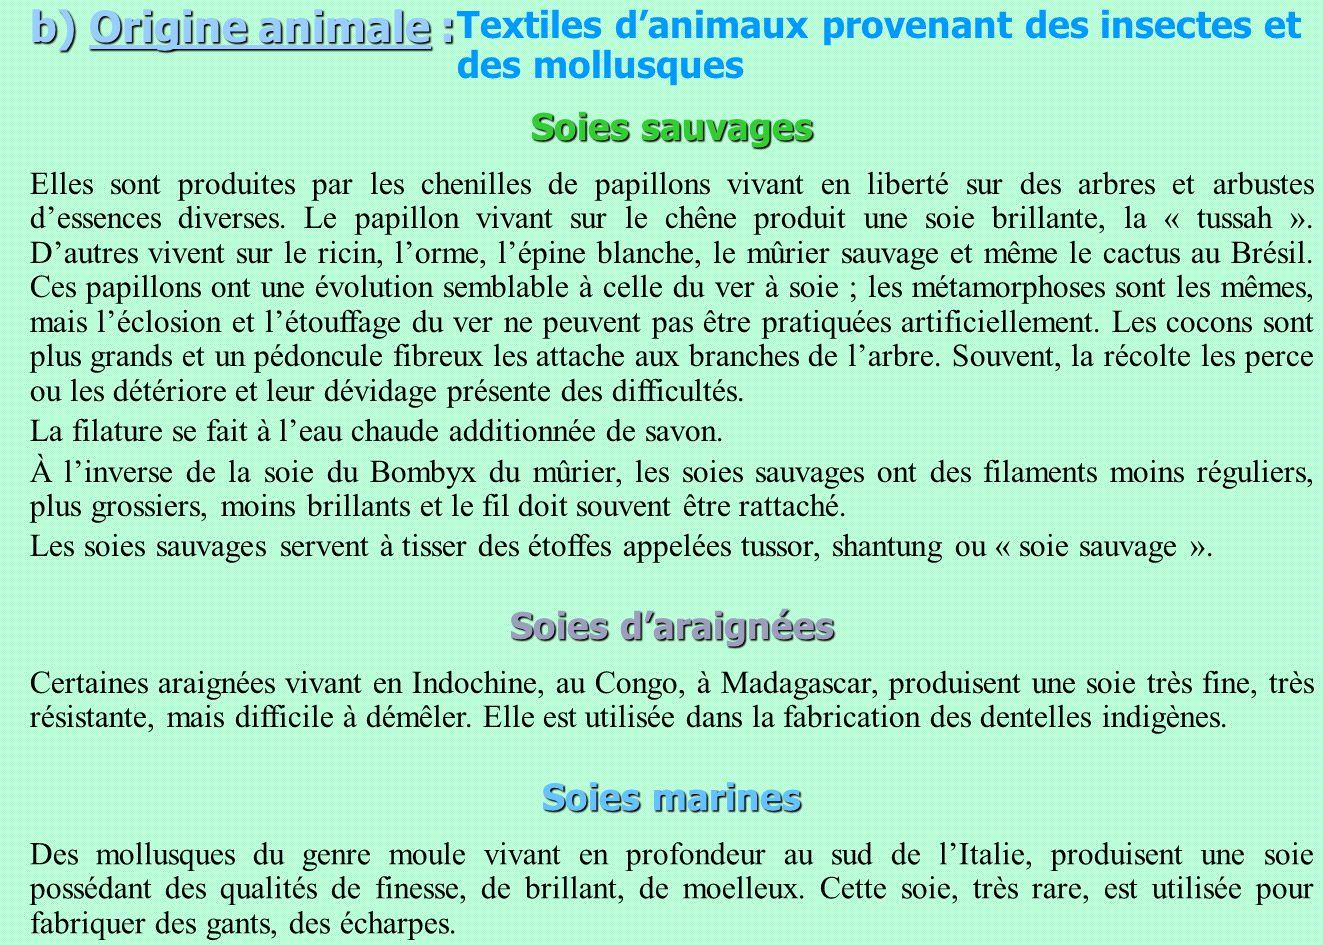 b) Origine animale : Textiles d'animaux provenant des insectes et des mollusques. Soies sauvages.